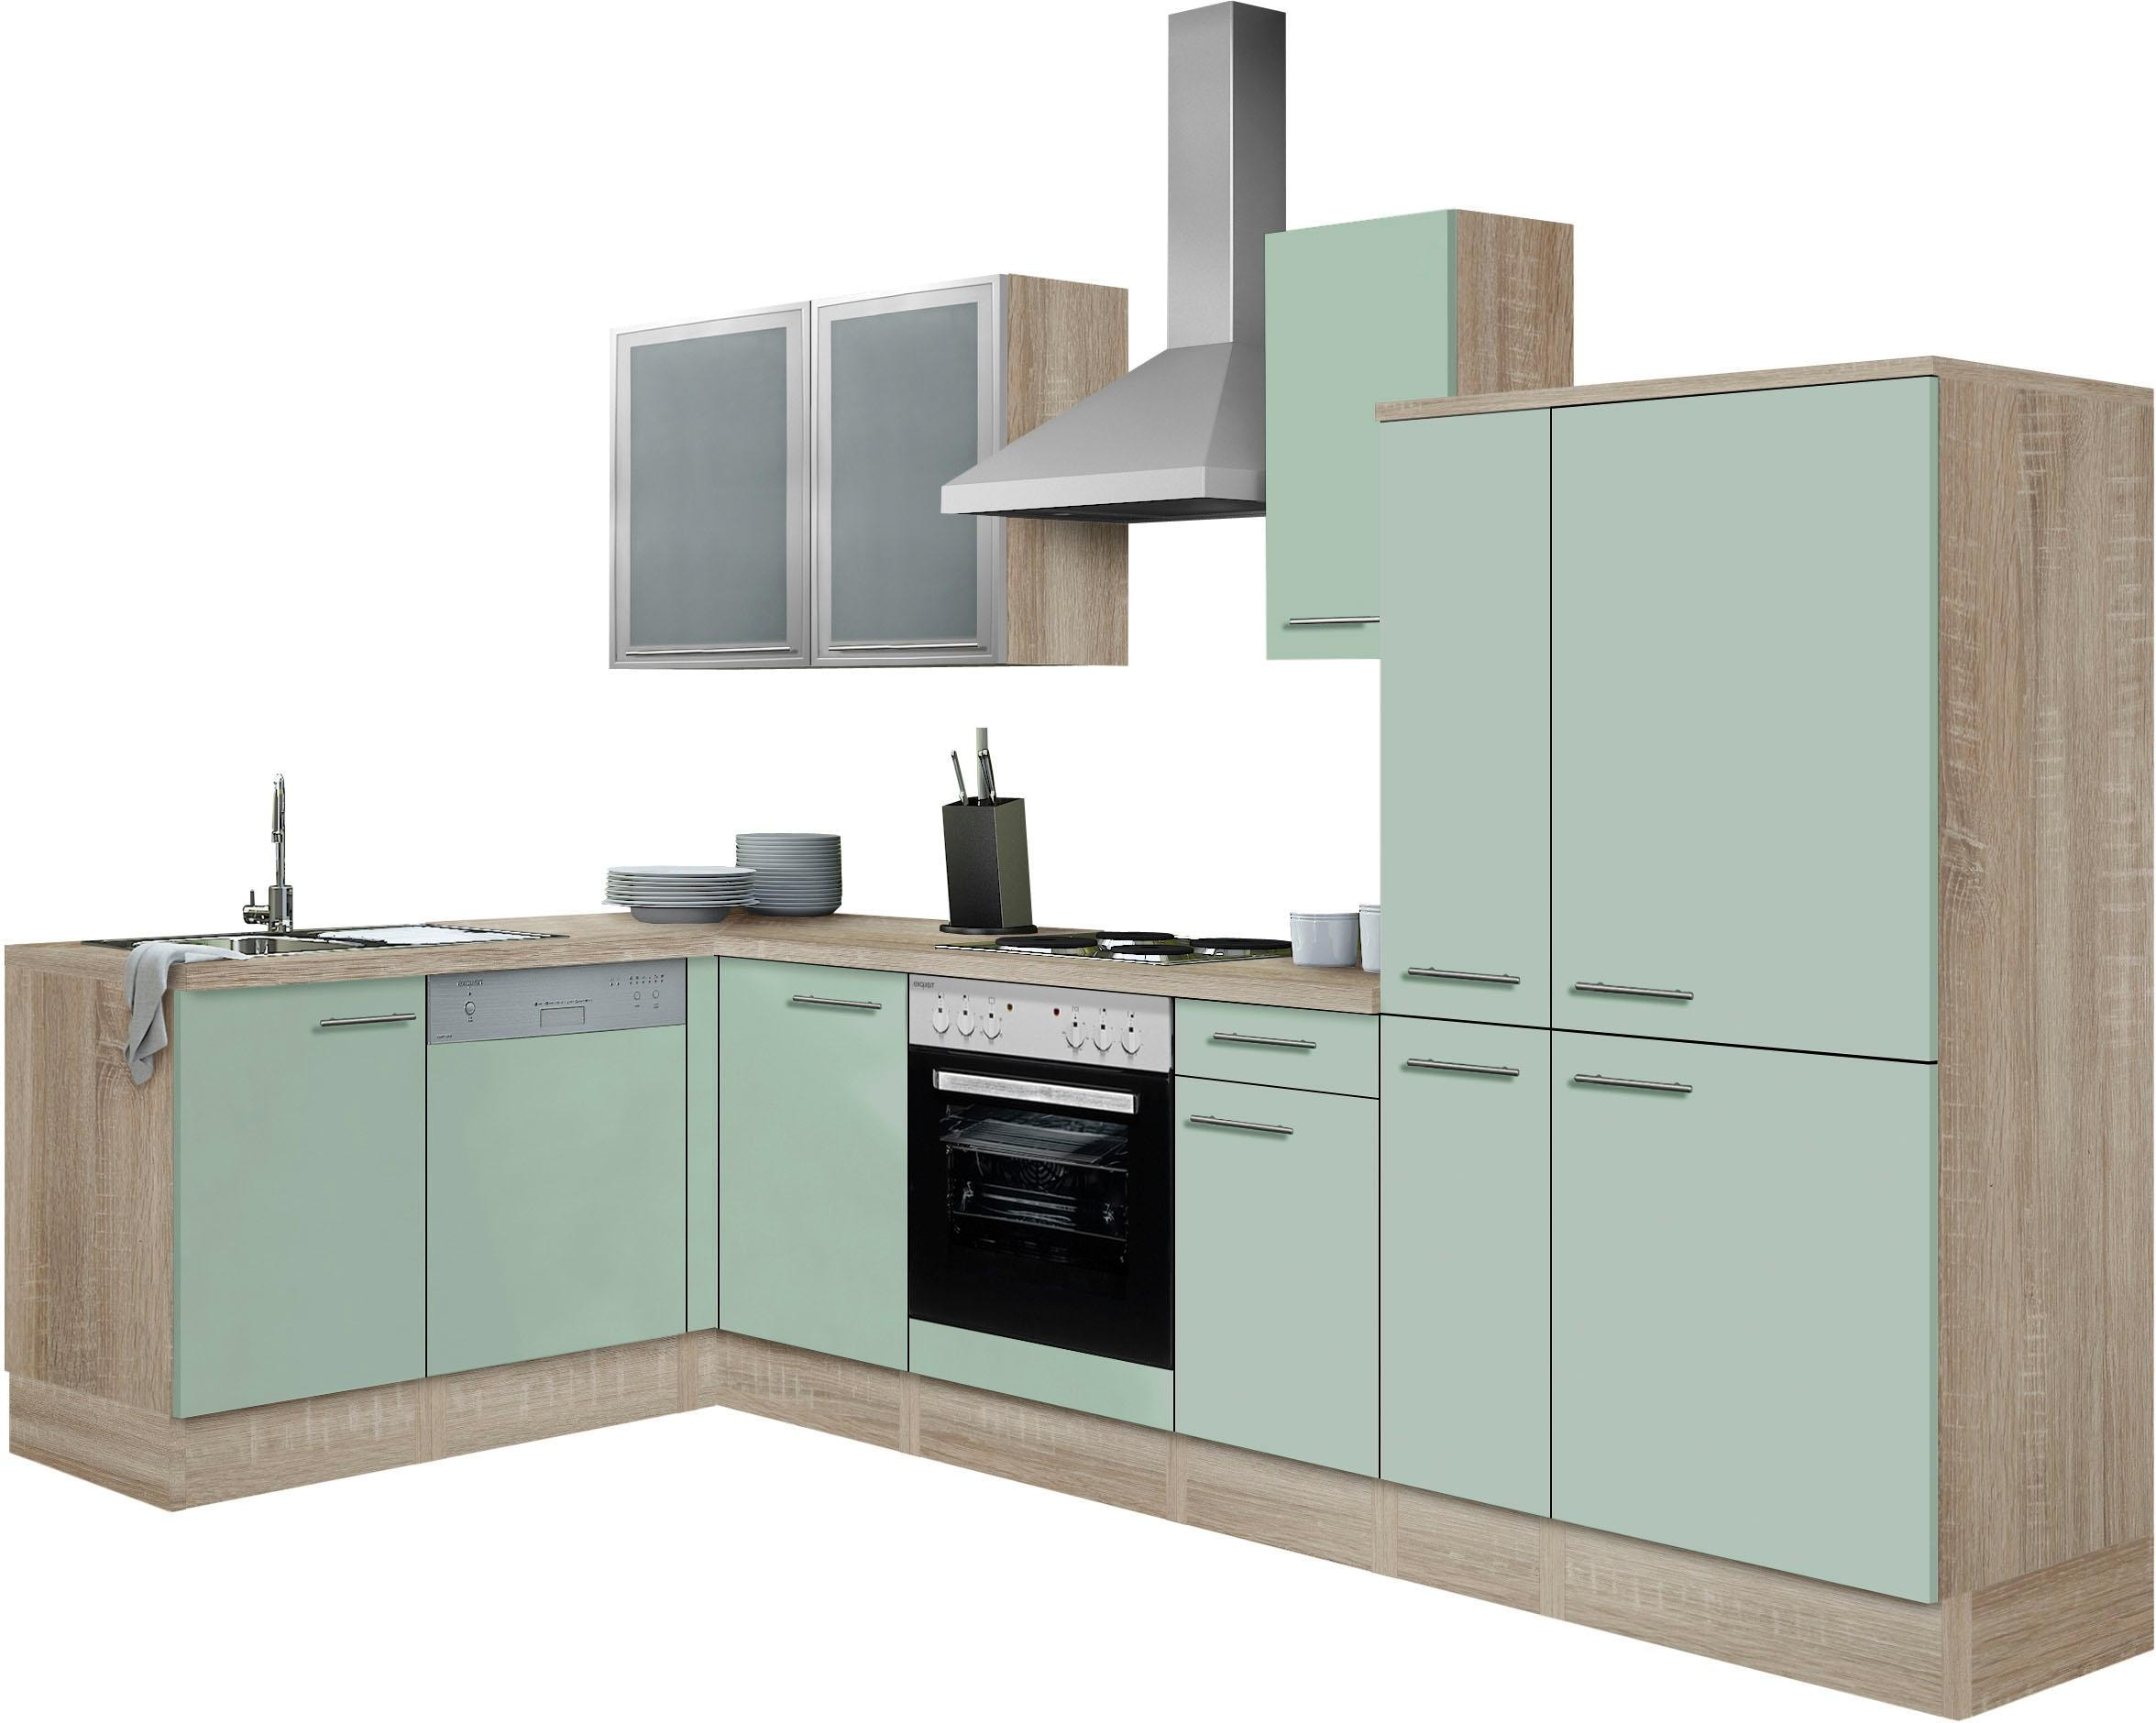 OPTIFIT Winkelküche Kalmar   Küche und Esszimmer > Küchen > Winkelküchen   Grün   Optifit